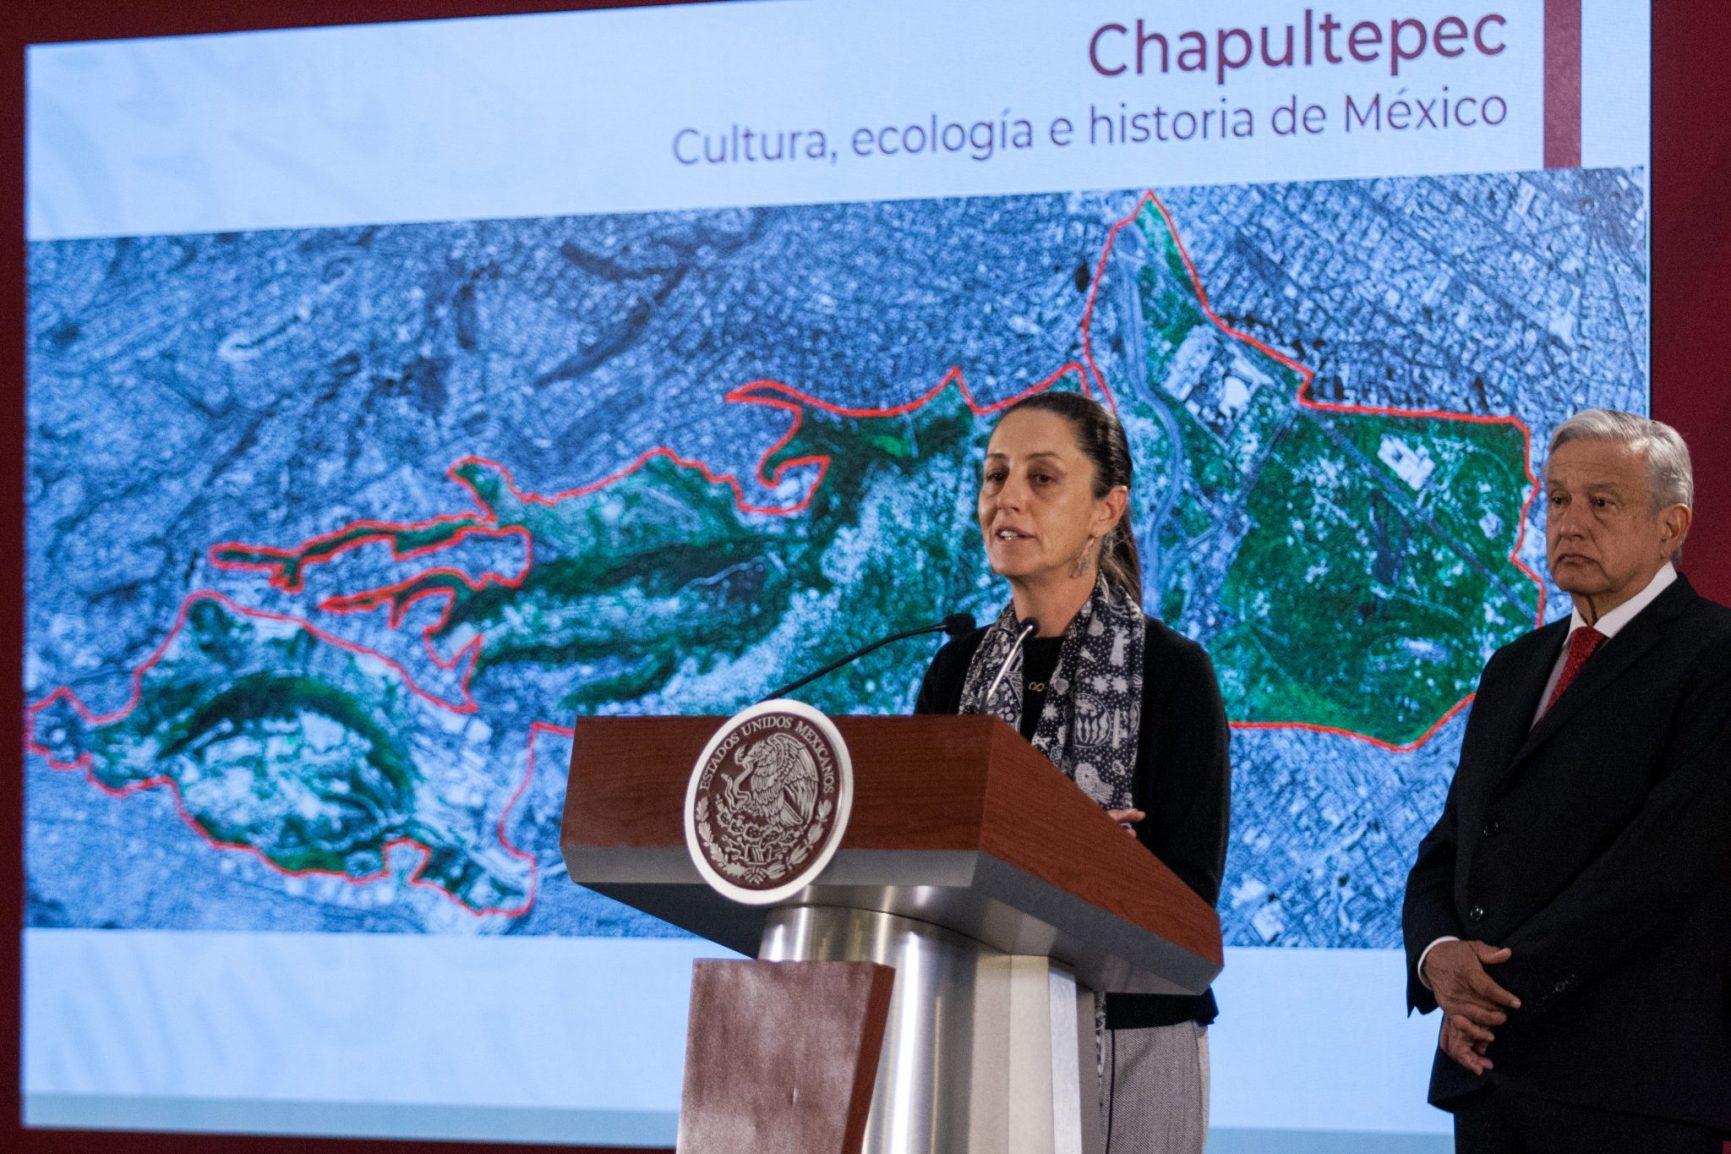 Presentan la Jefa de Gobierno y el Presidente de México, el Proyecto Cultural en el Bosque de Chapultepec